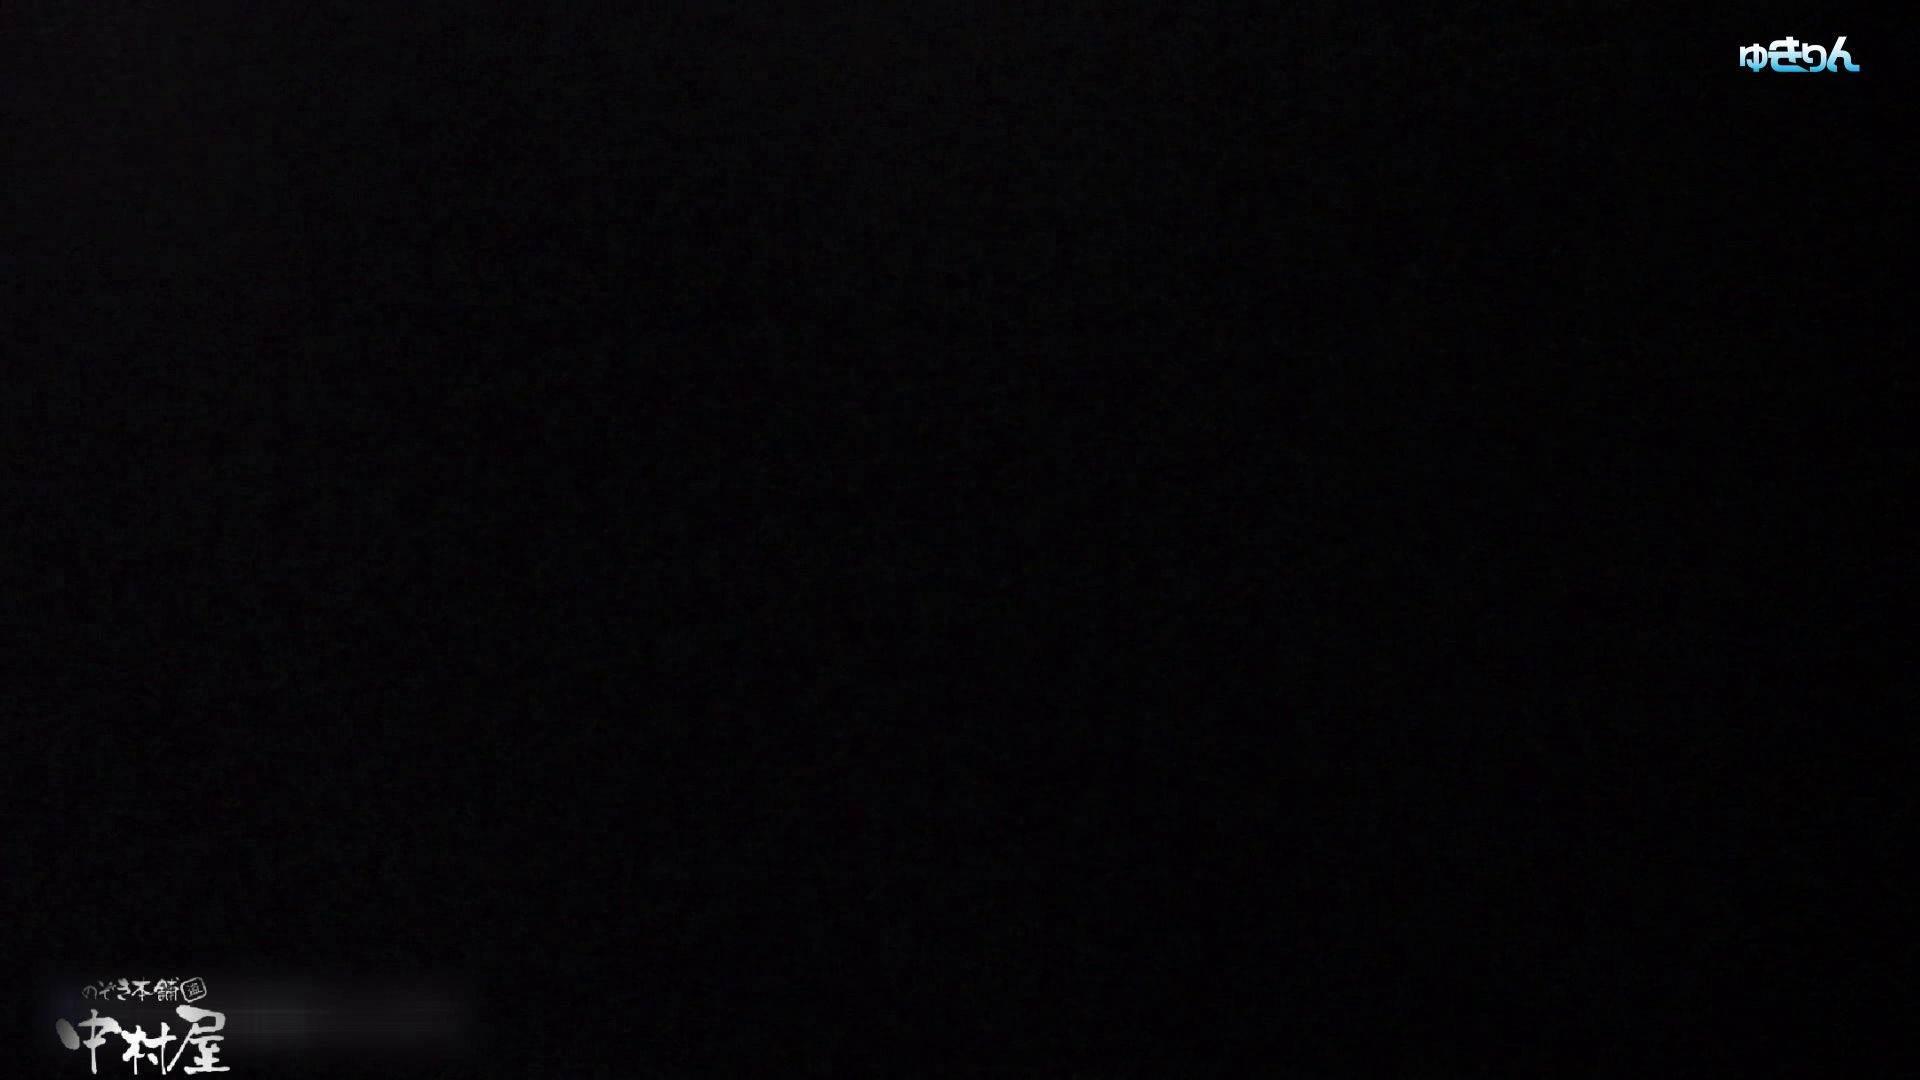 世界の射窓から~ステーション編 vol61 レベルアップ!!画質アップ、再発進 0   0  65連発 61